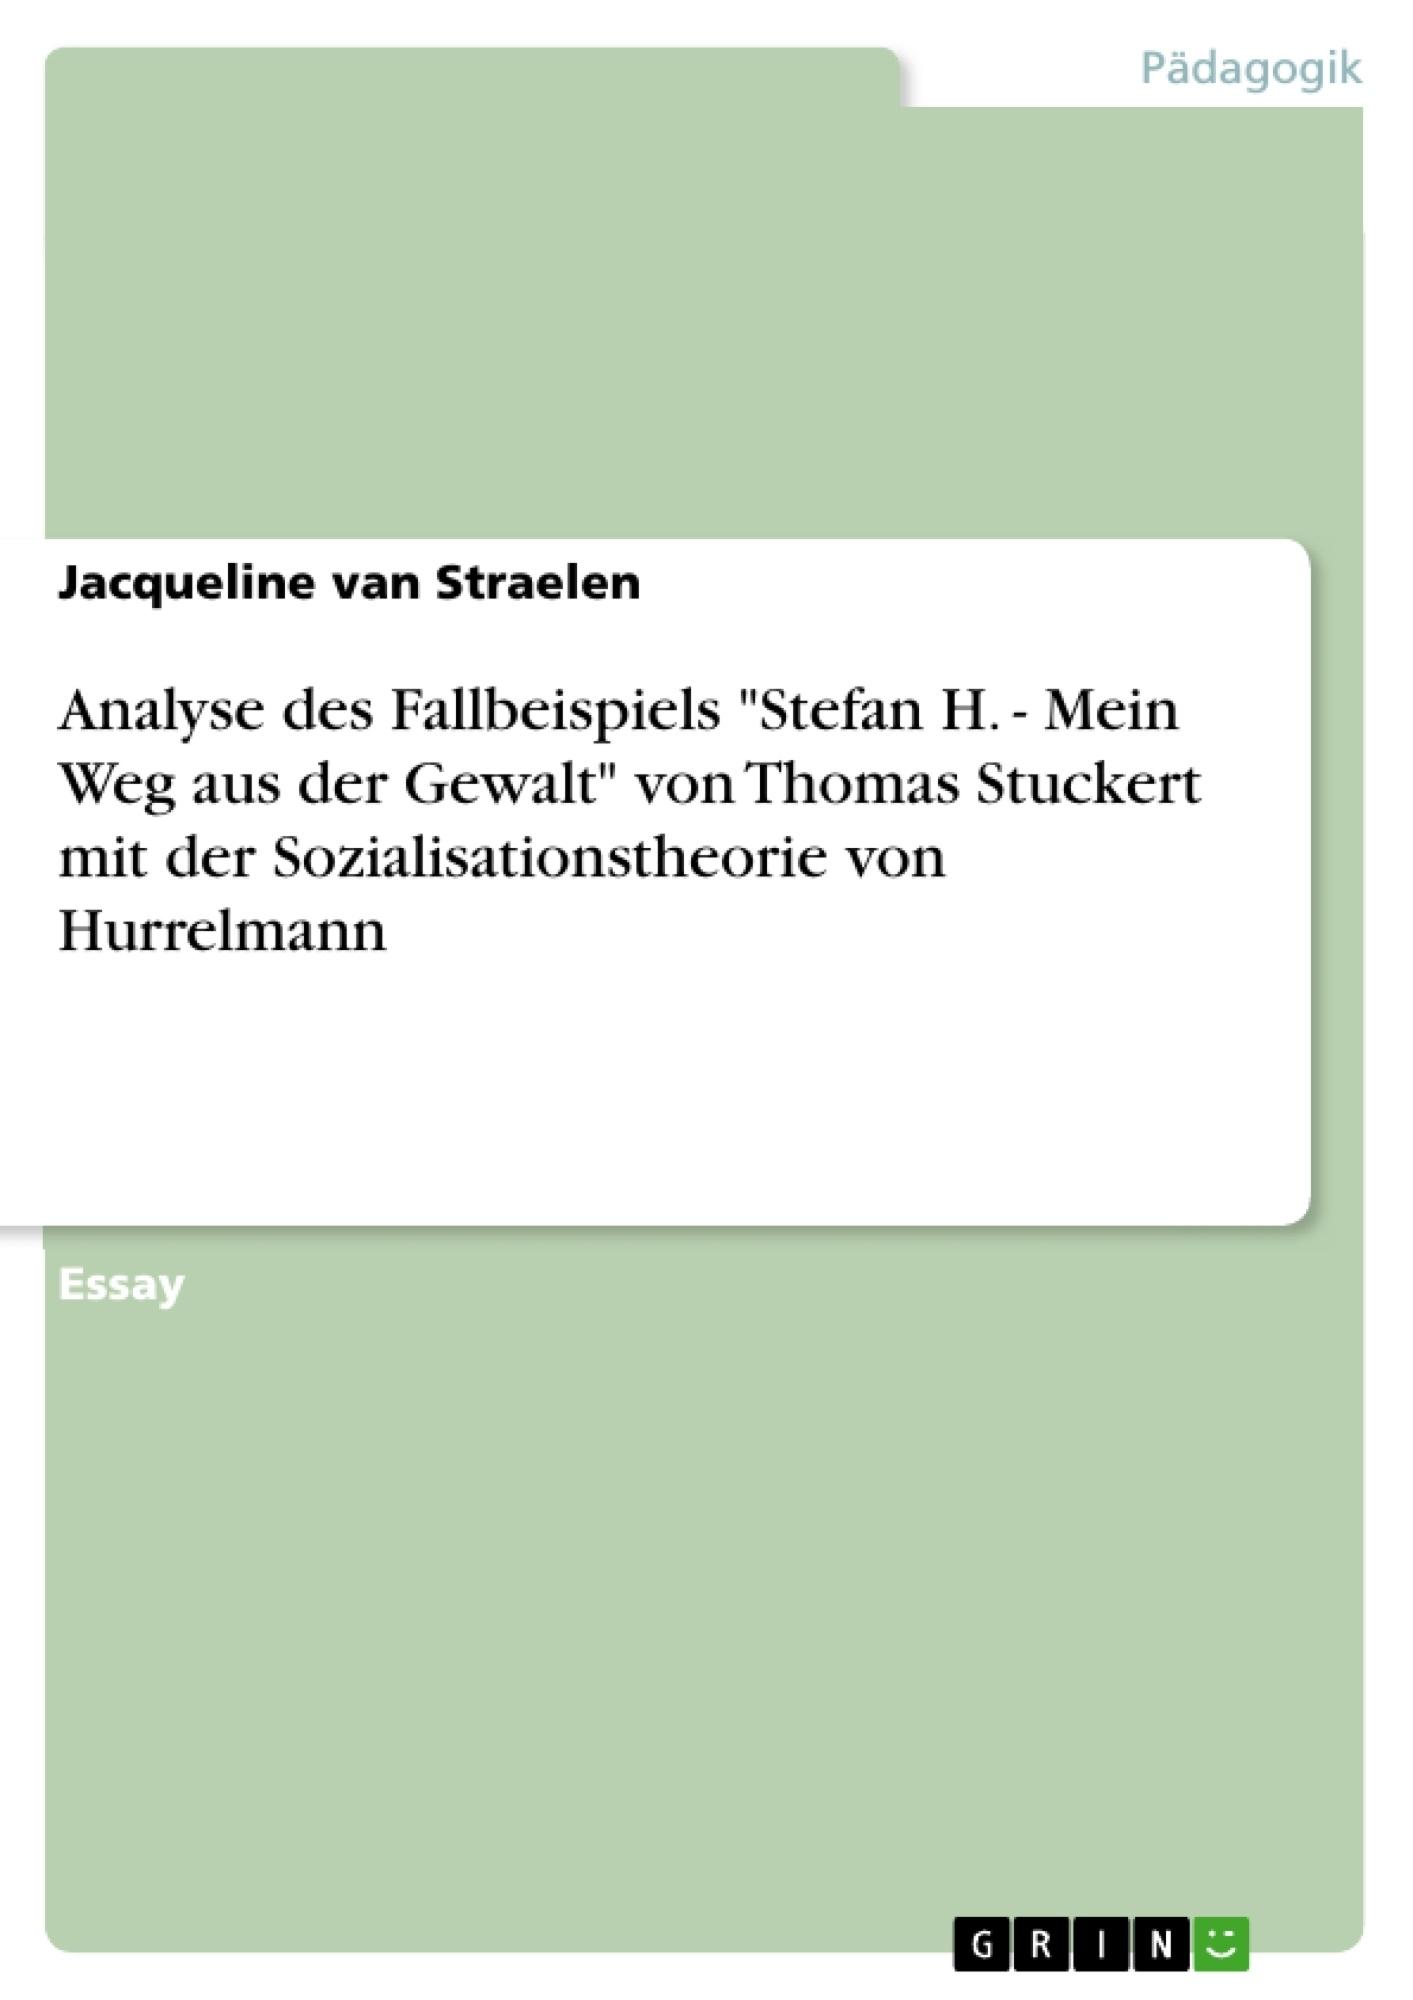 """Titel: Analyse des Fallbeispiels """"Stefan H. - Mein Weg aus der Gewalt"""" von Thomas Stuckert mit der Sozialisationstheorie von Hurrelmann"""